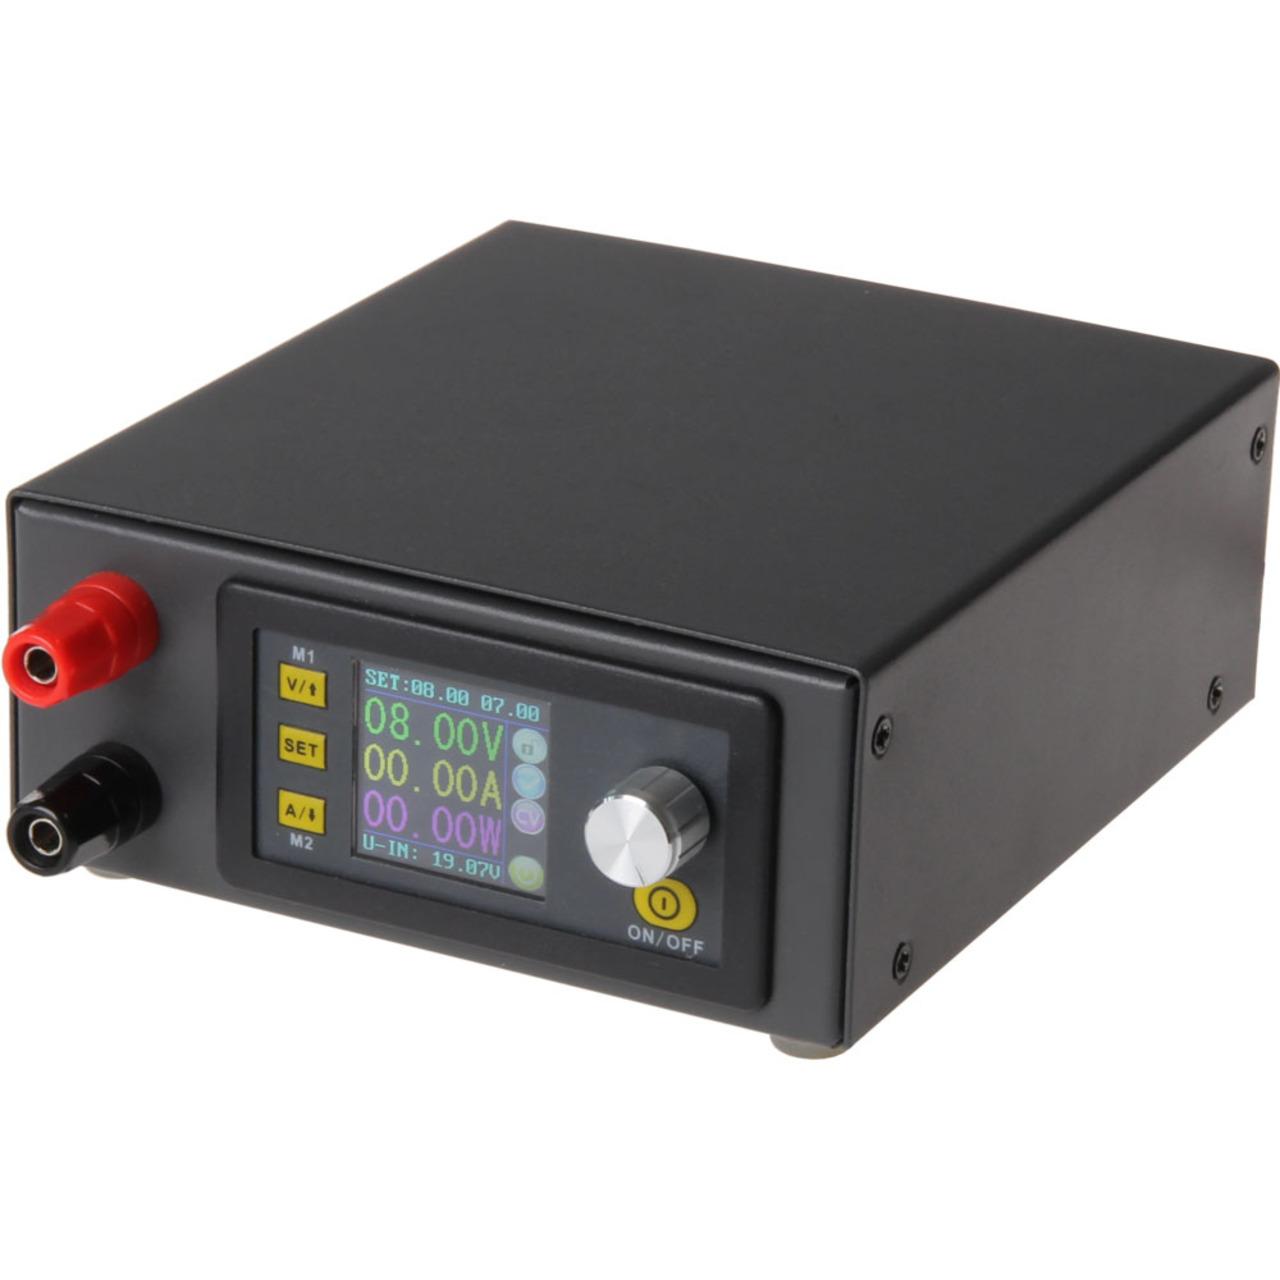 JOY-iT Metallgehund-228 use fund-252 r JT-DPS5005 und JT-DPS5015